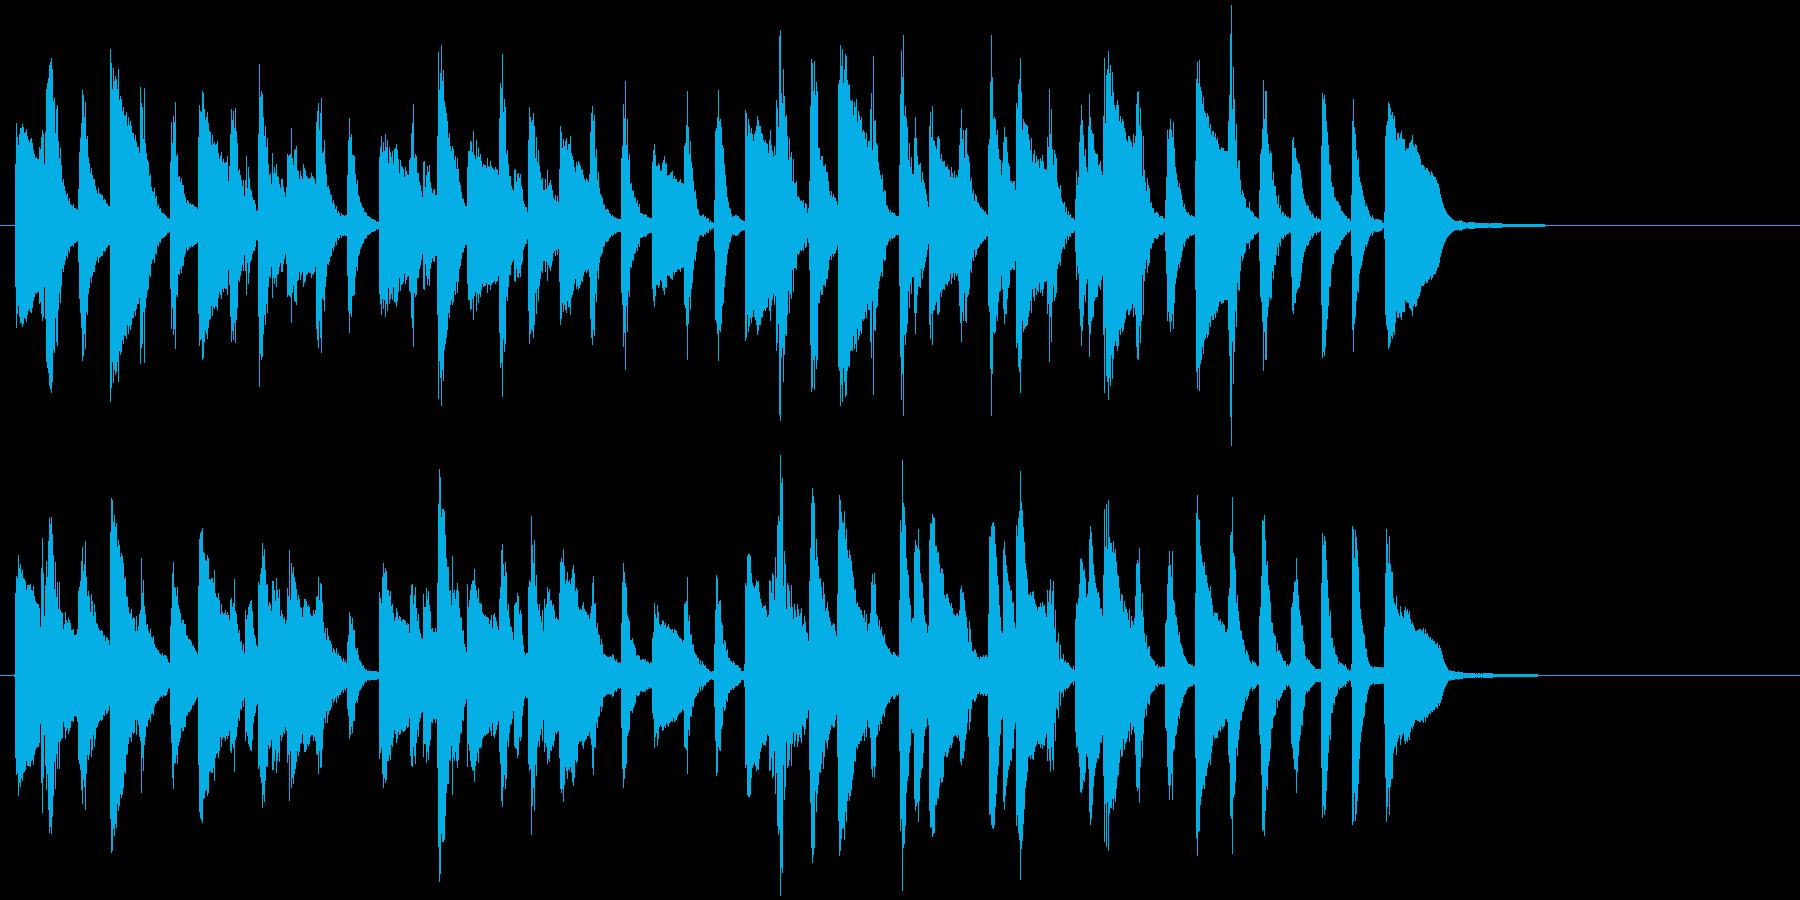 クラシックの小品のようなピアノソロの再生済みの波形